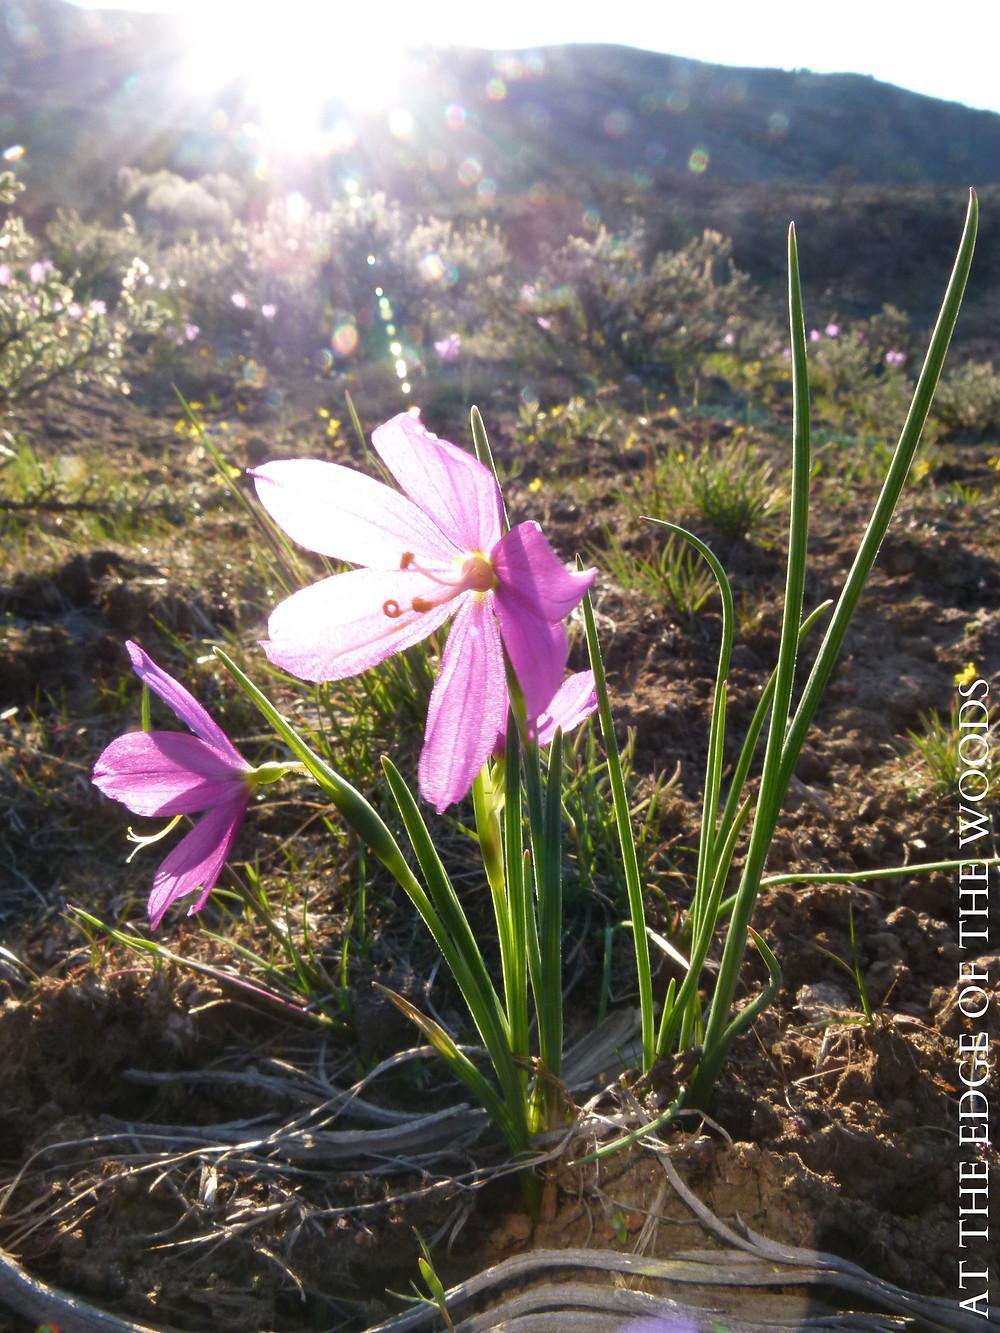 Grass Widow wildflowers, Gold Stars, and sagebrush